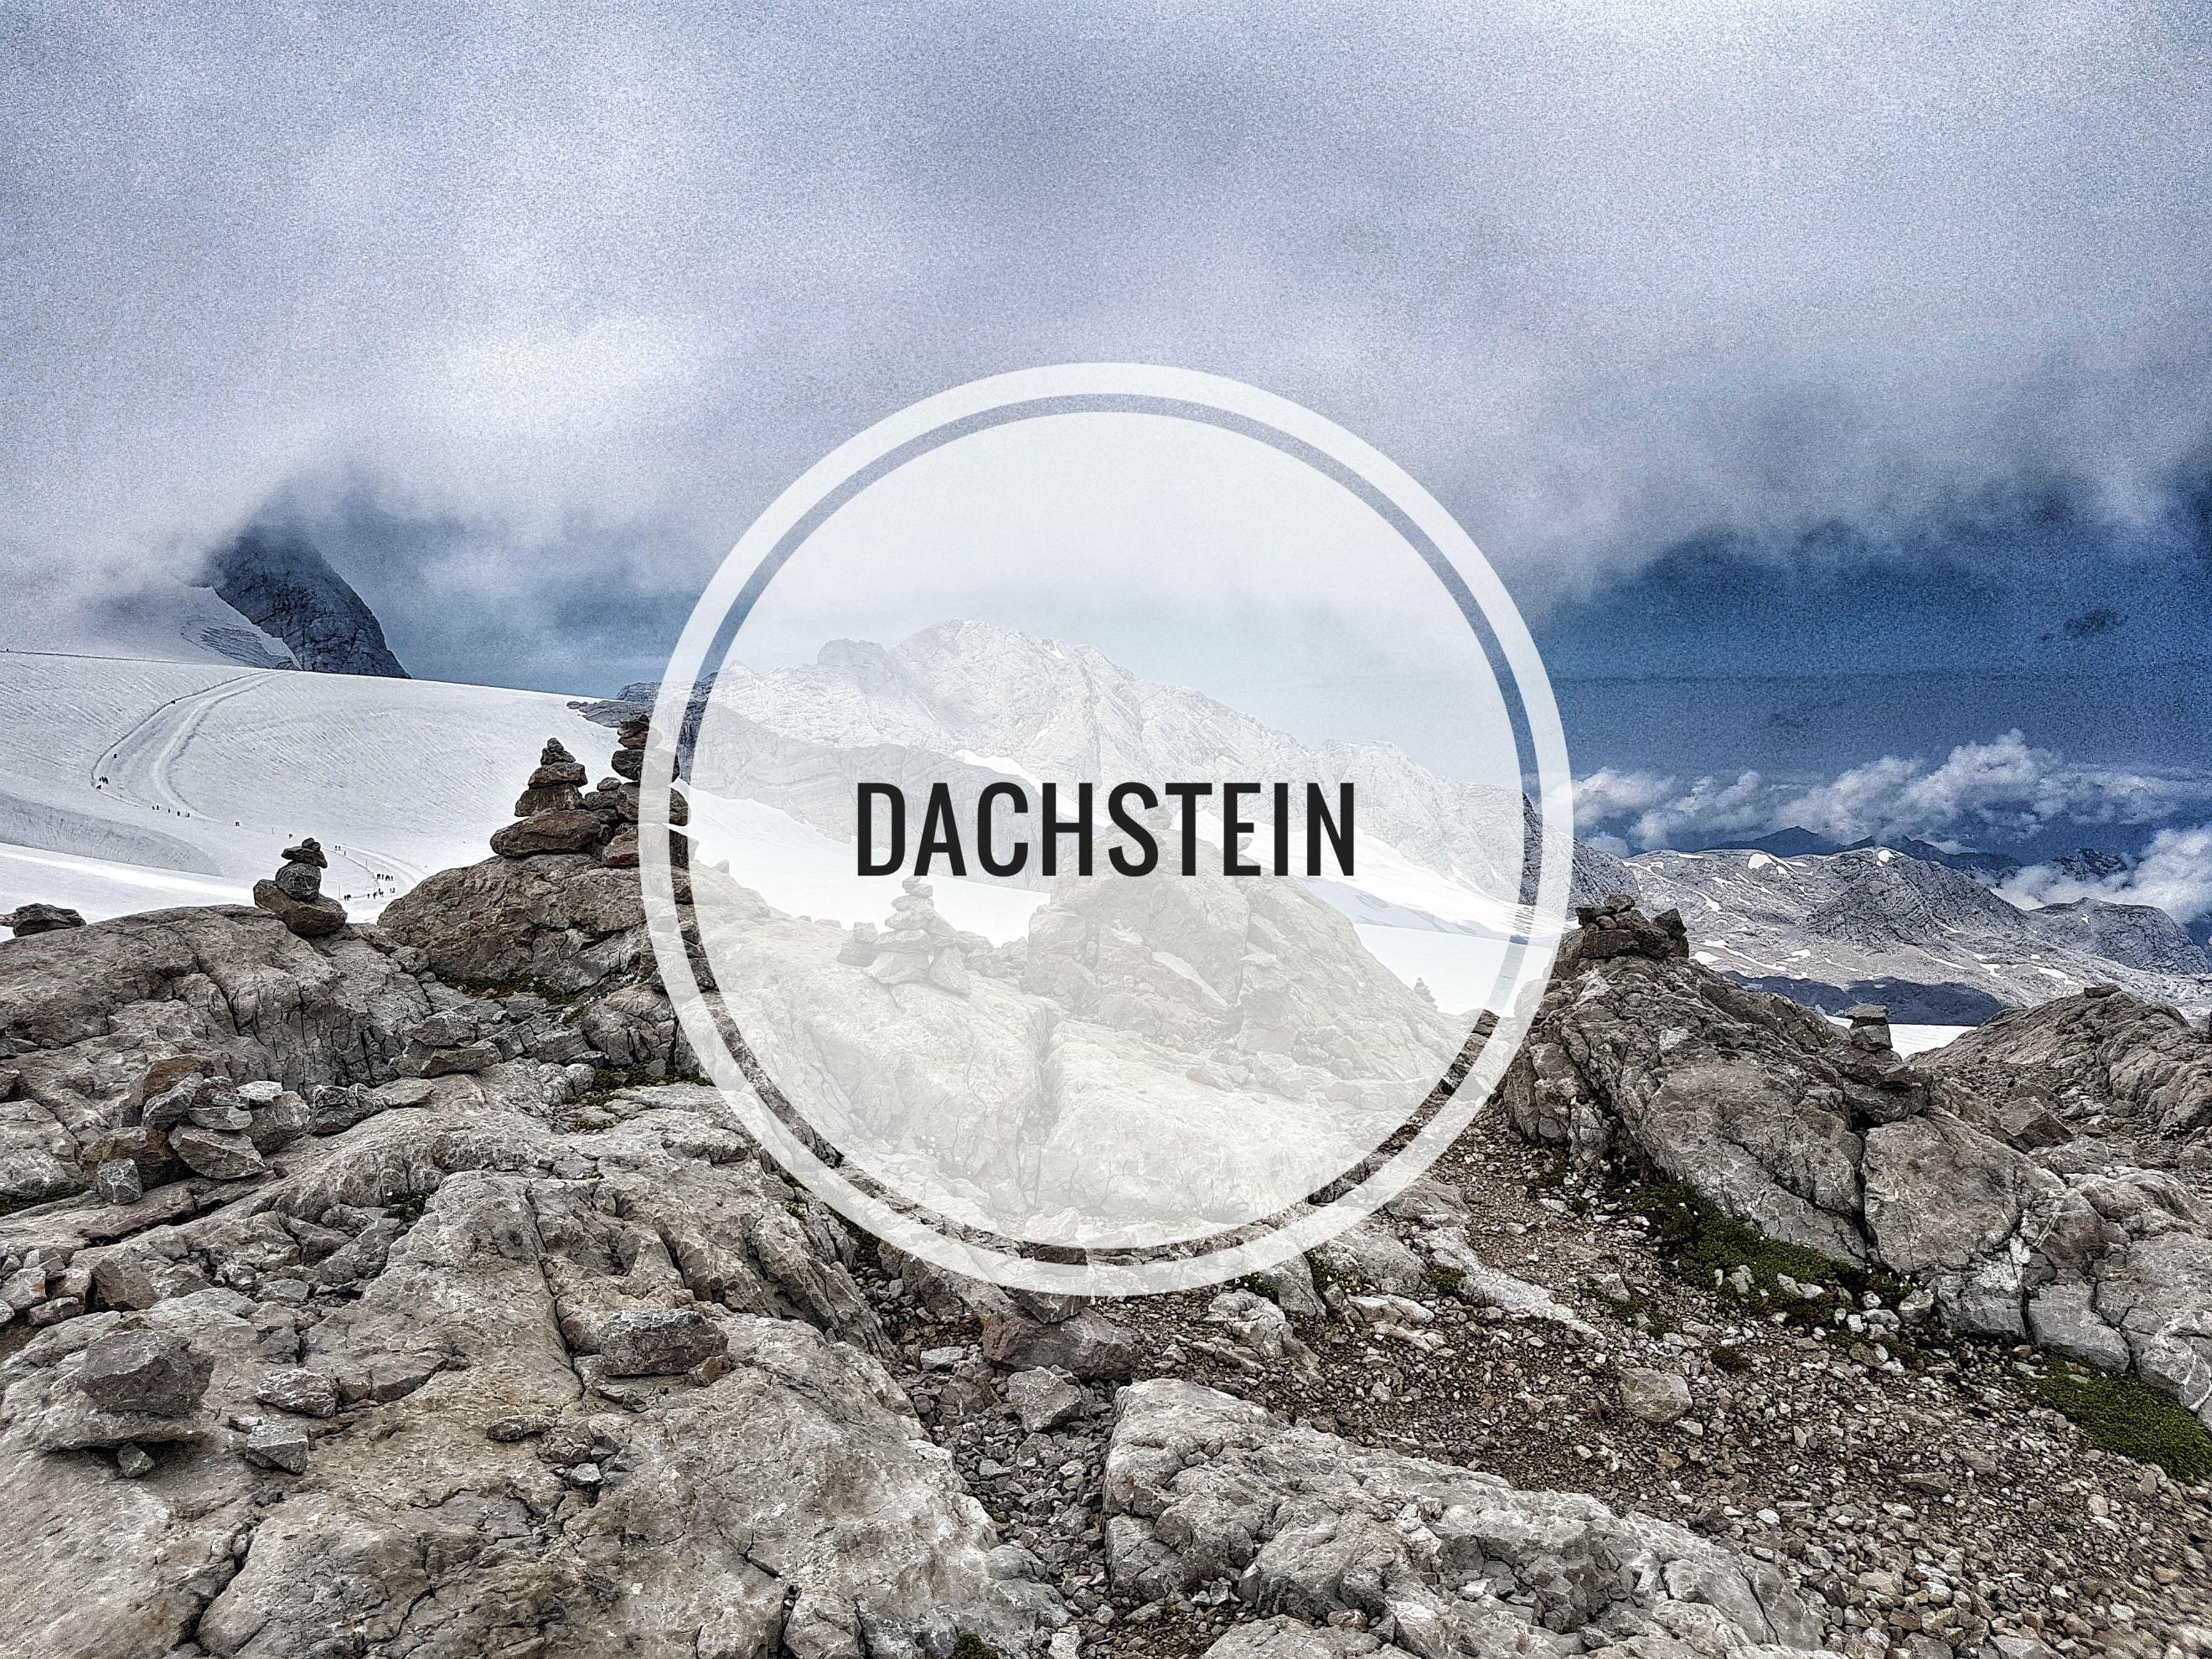 dachstein-turistika-rakusko